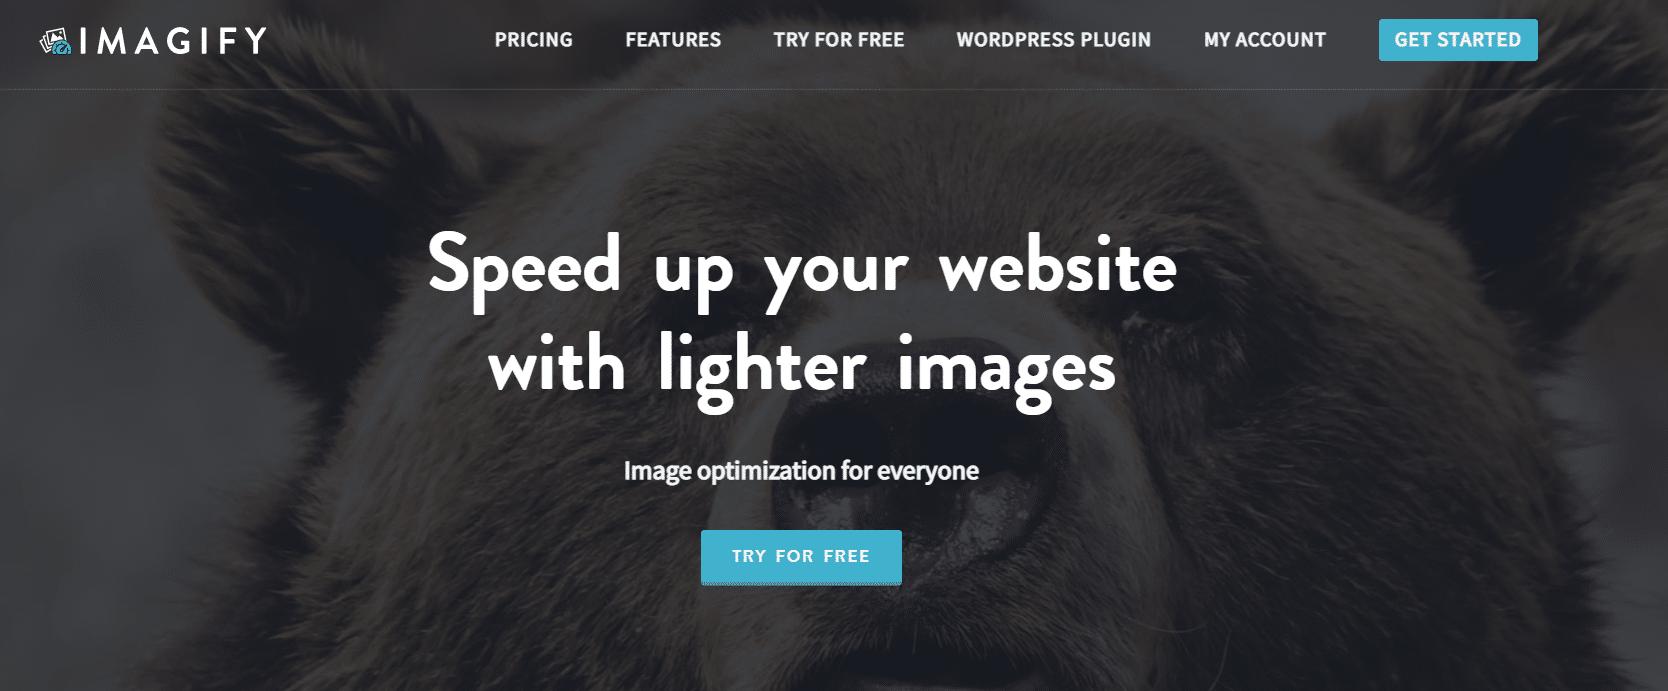 website image compression